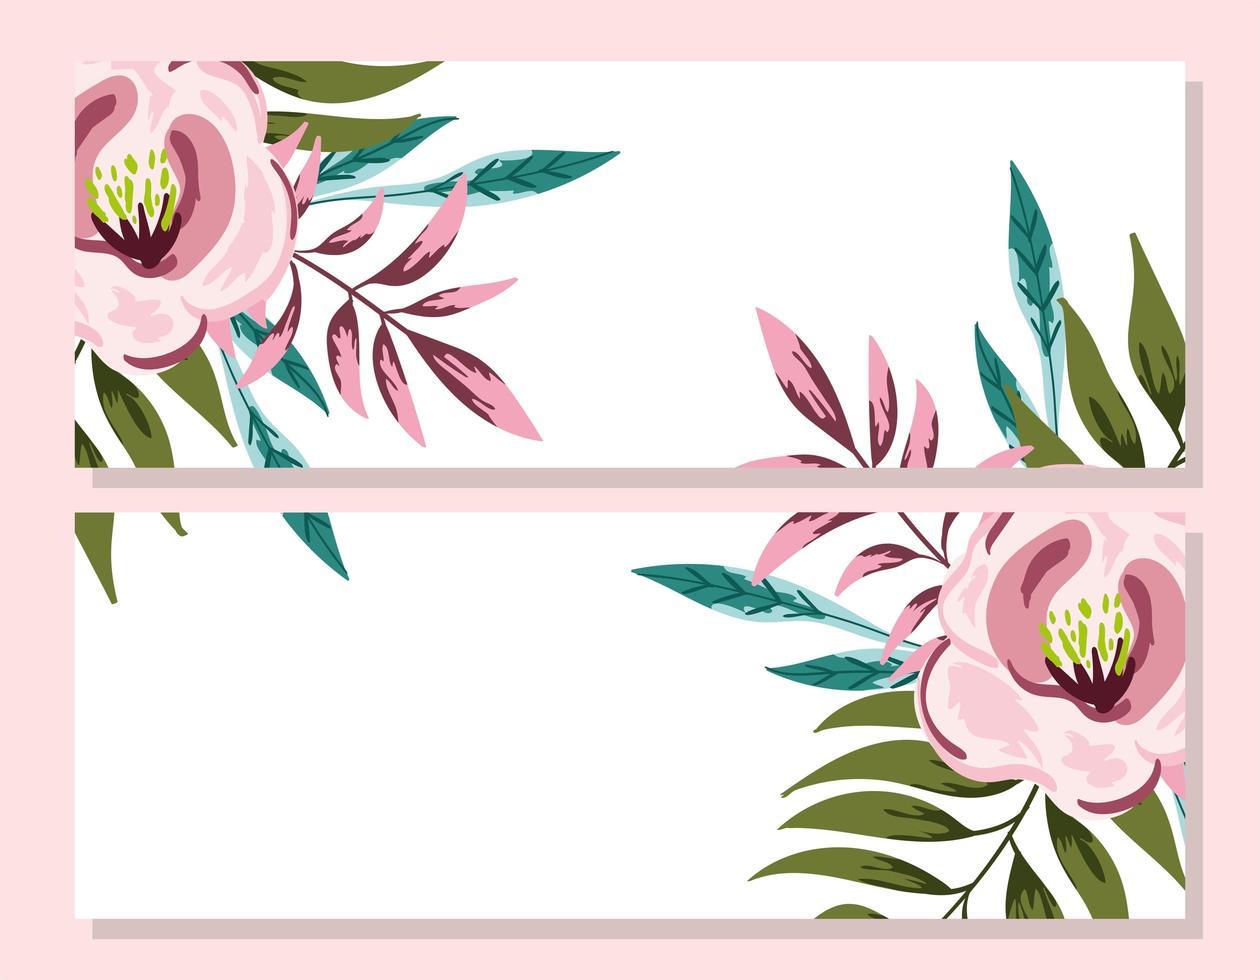 tarjeta de invitación decorativa floral adorno de boda vector